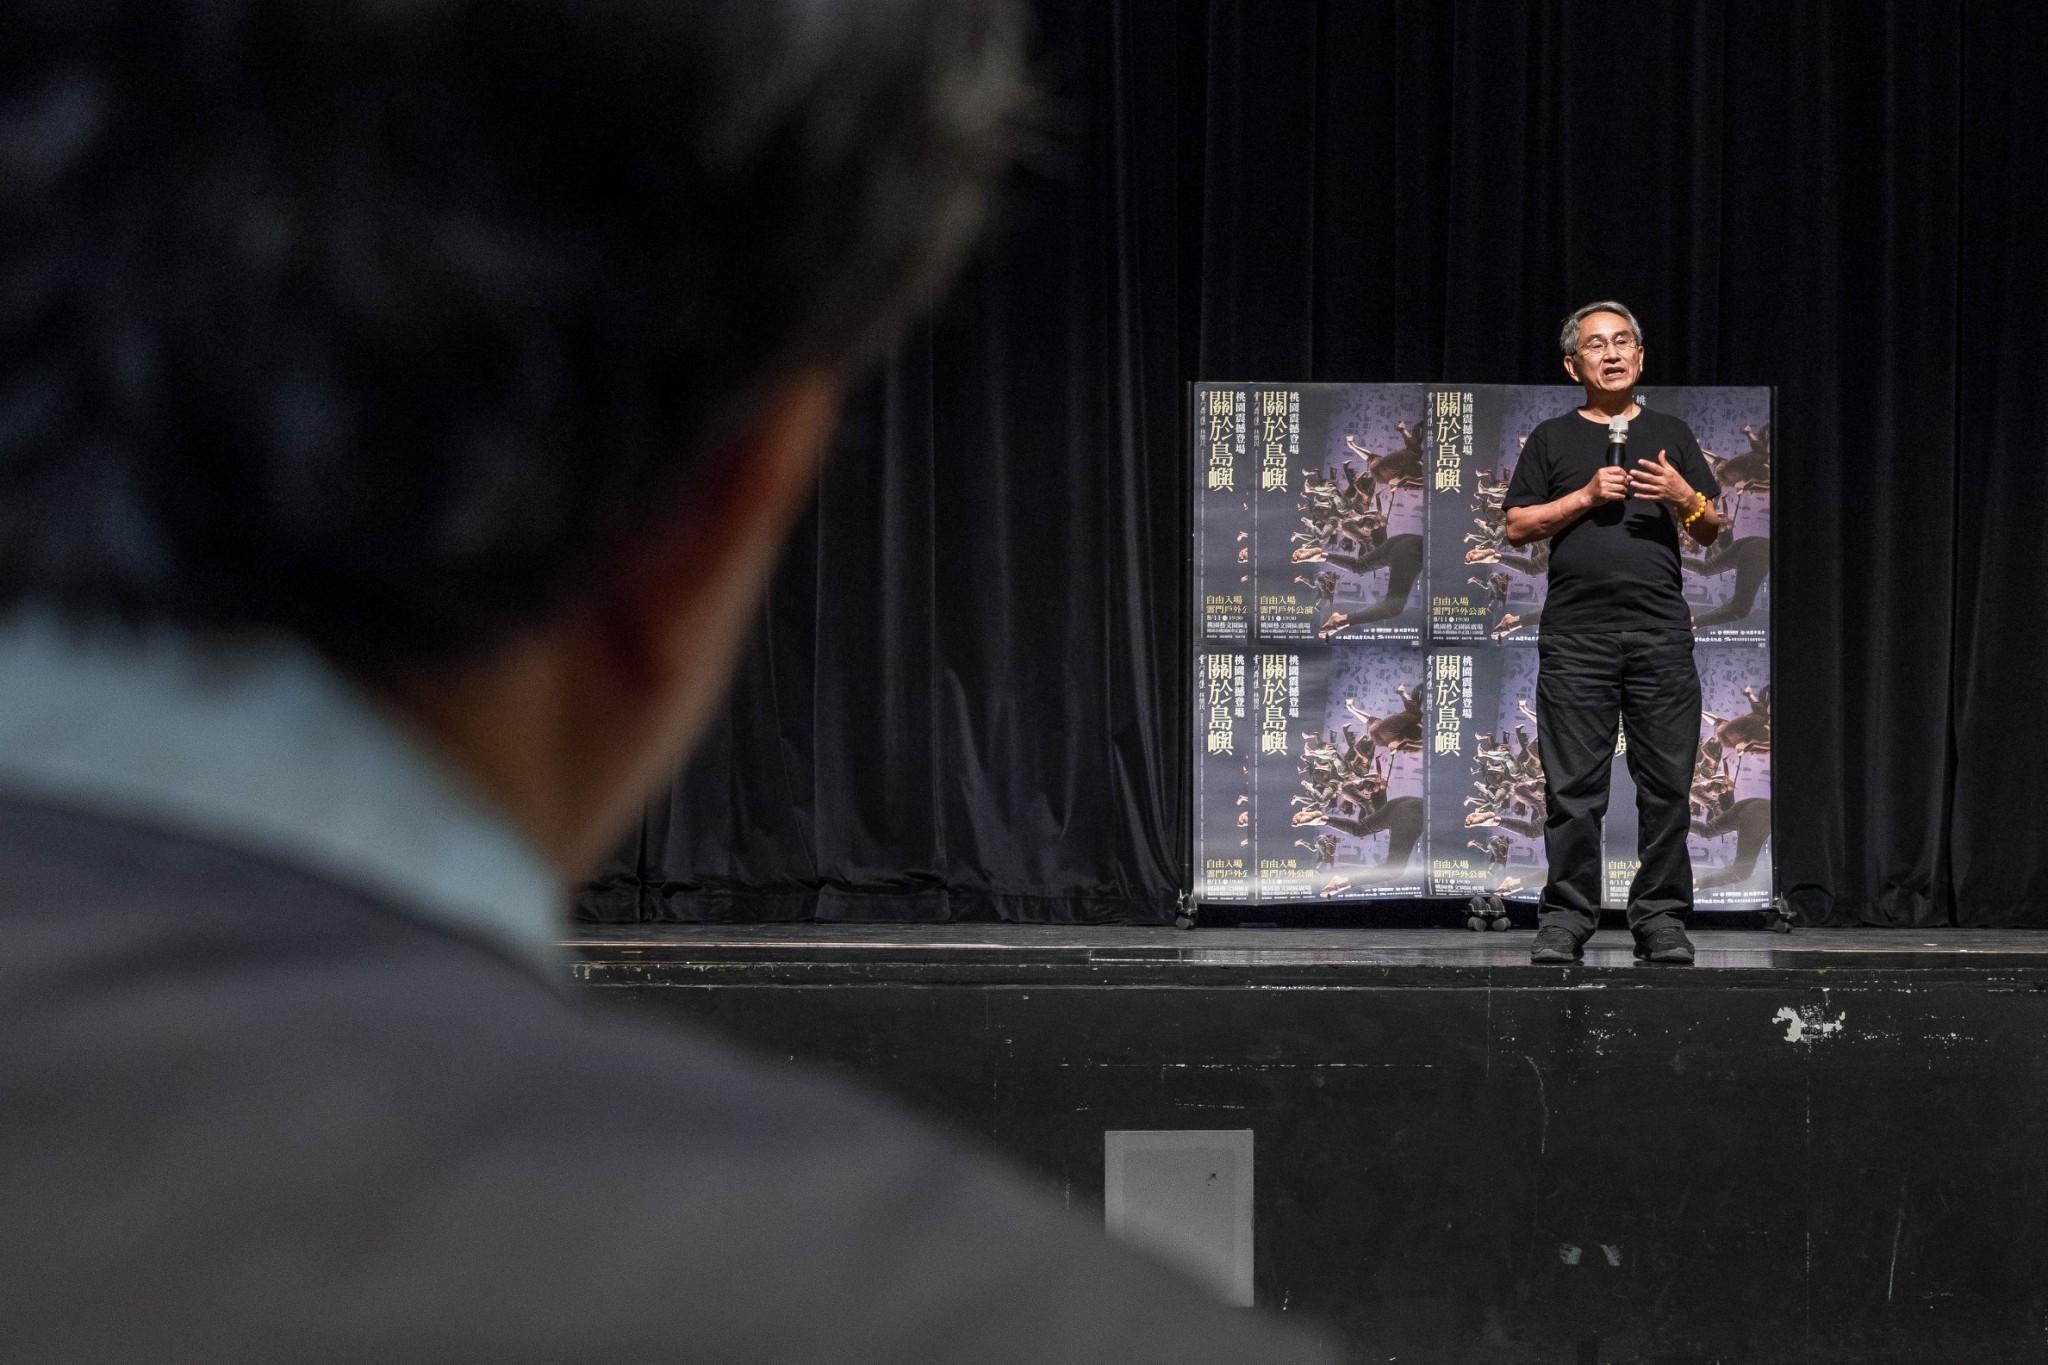 雲門舞集2018桃園戶外公演《關於島嶼》記者會 鄭市長:提供創作者更大舞台,讓市民親近更多元的文化